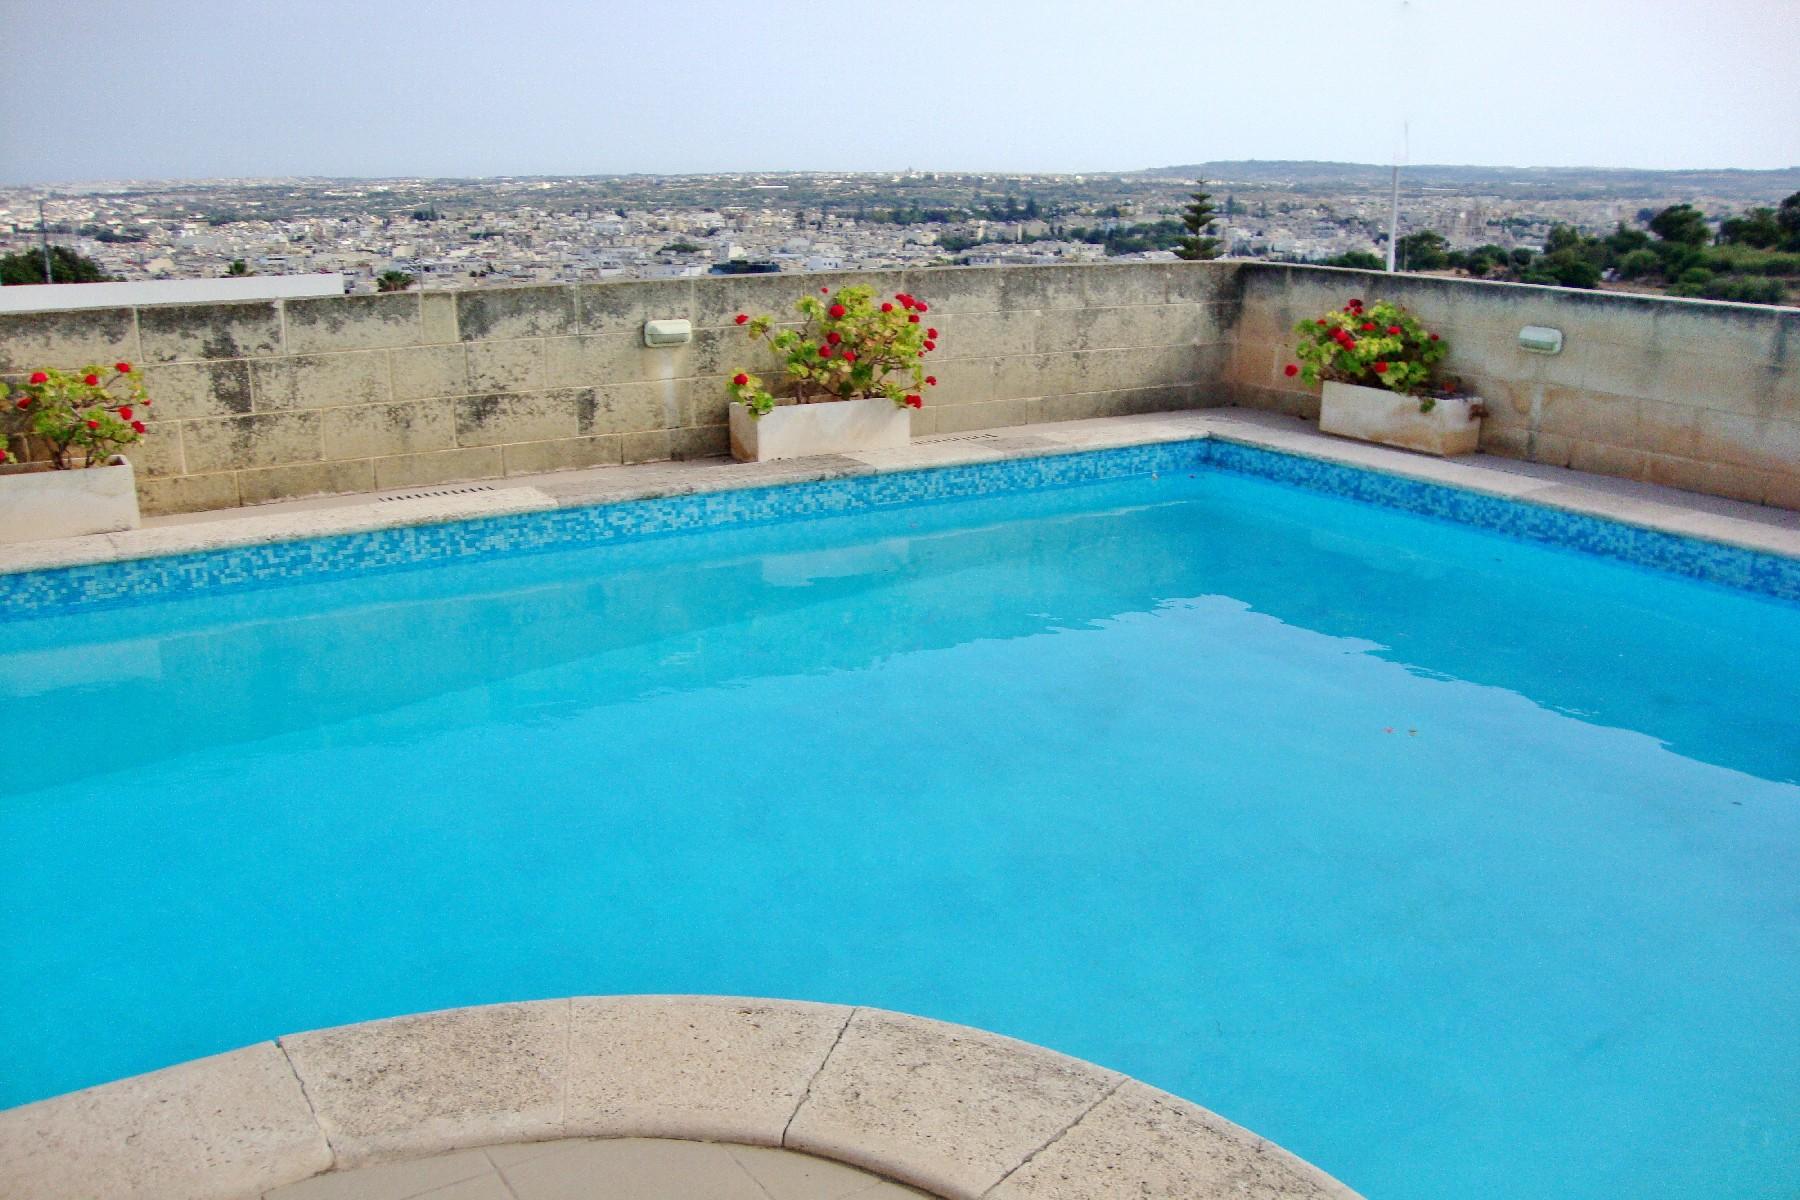 Malta Property for sale in Malta, Iklin